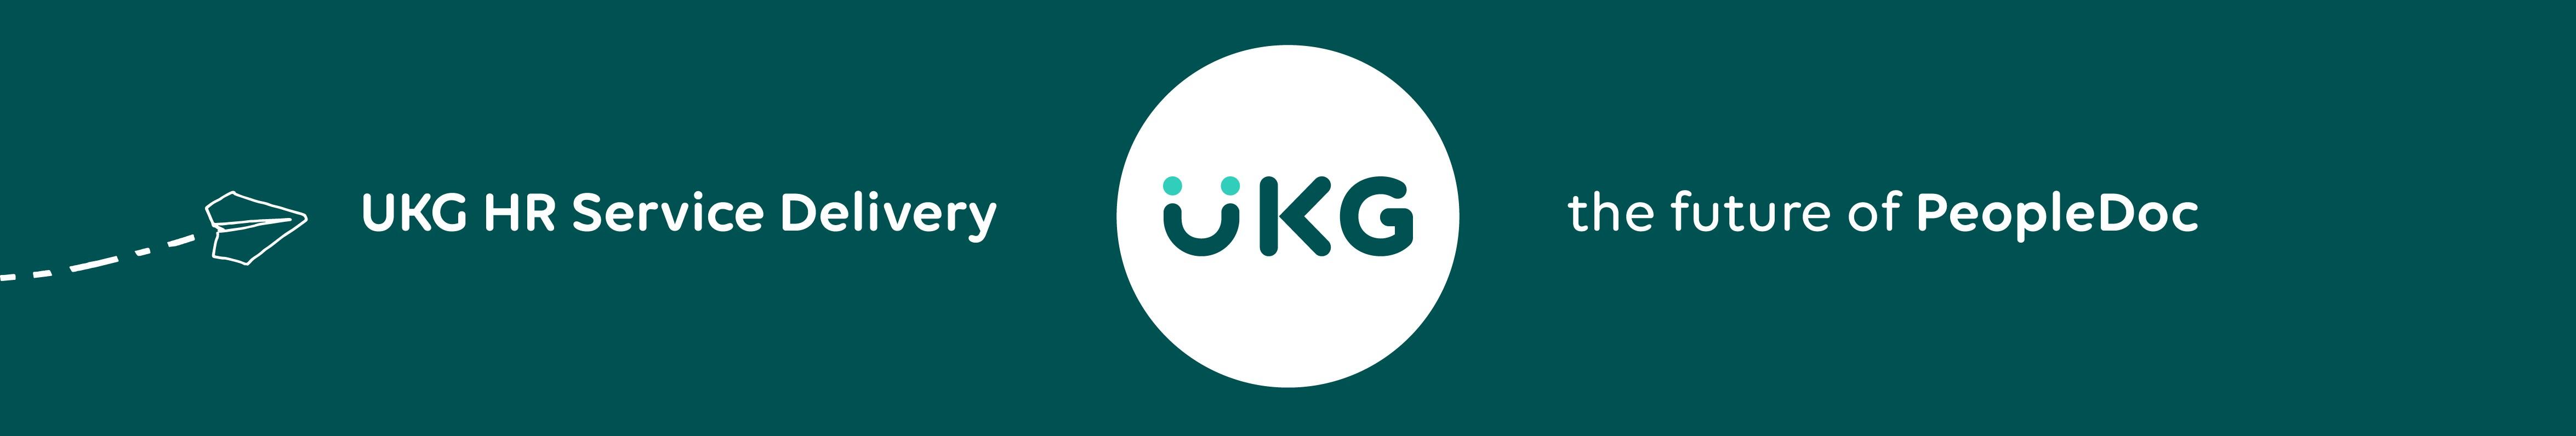 PeopleDoc becomes UKG